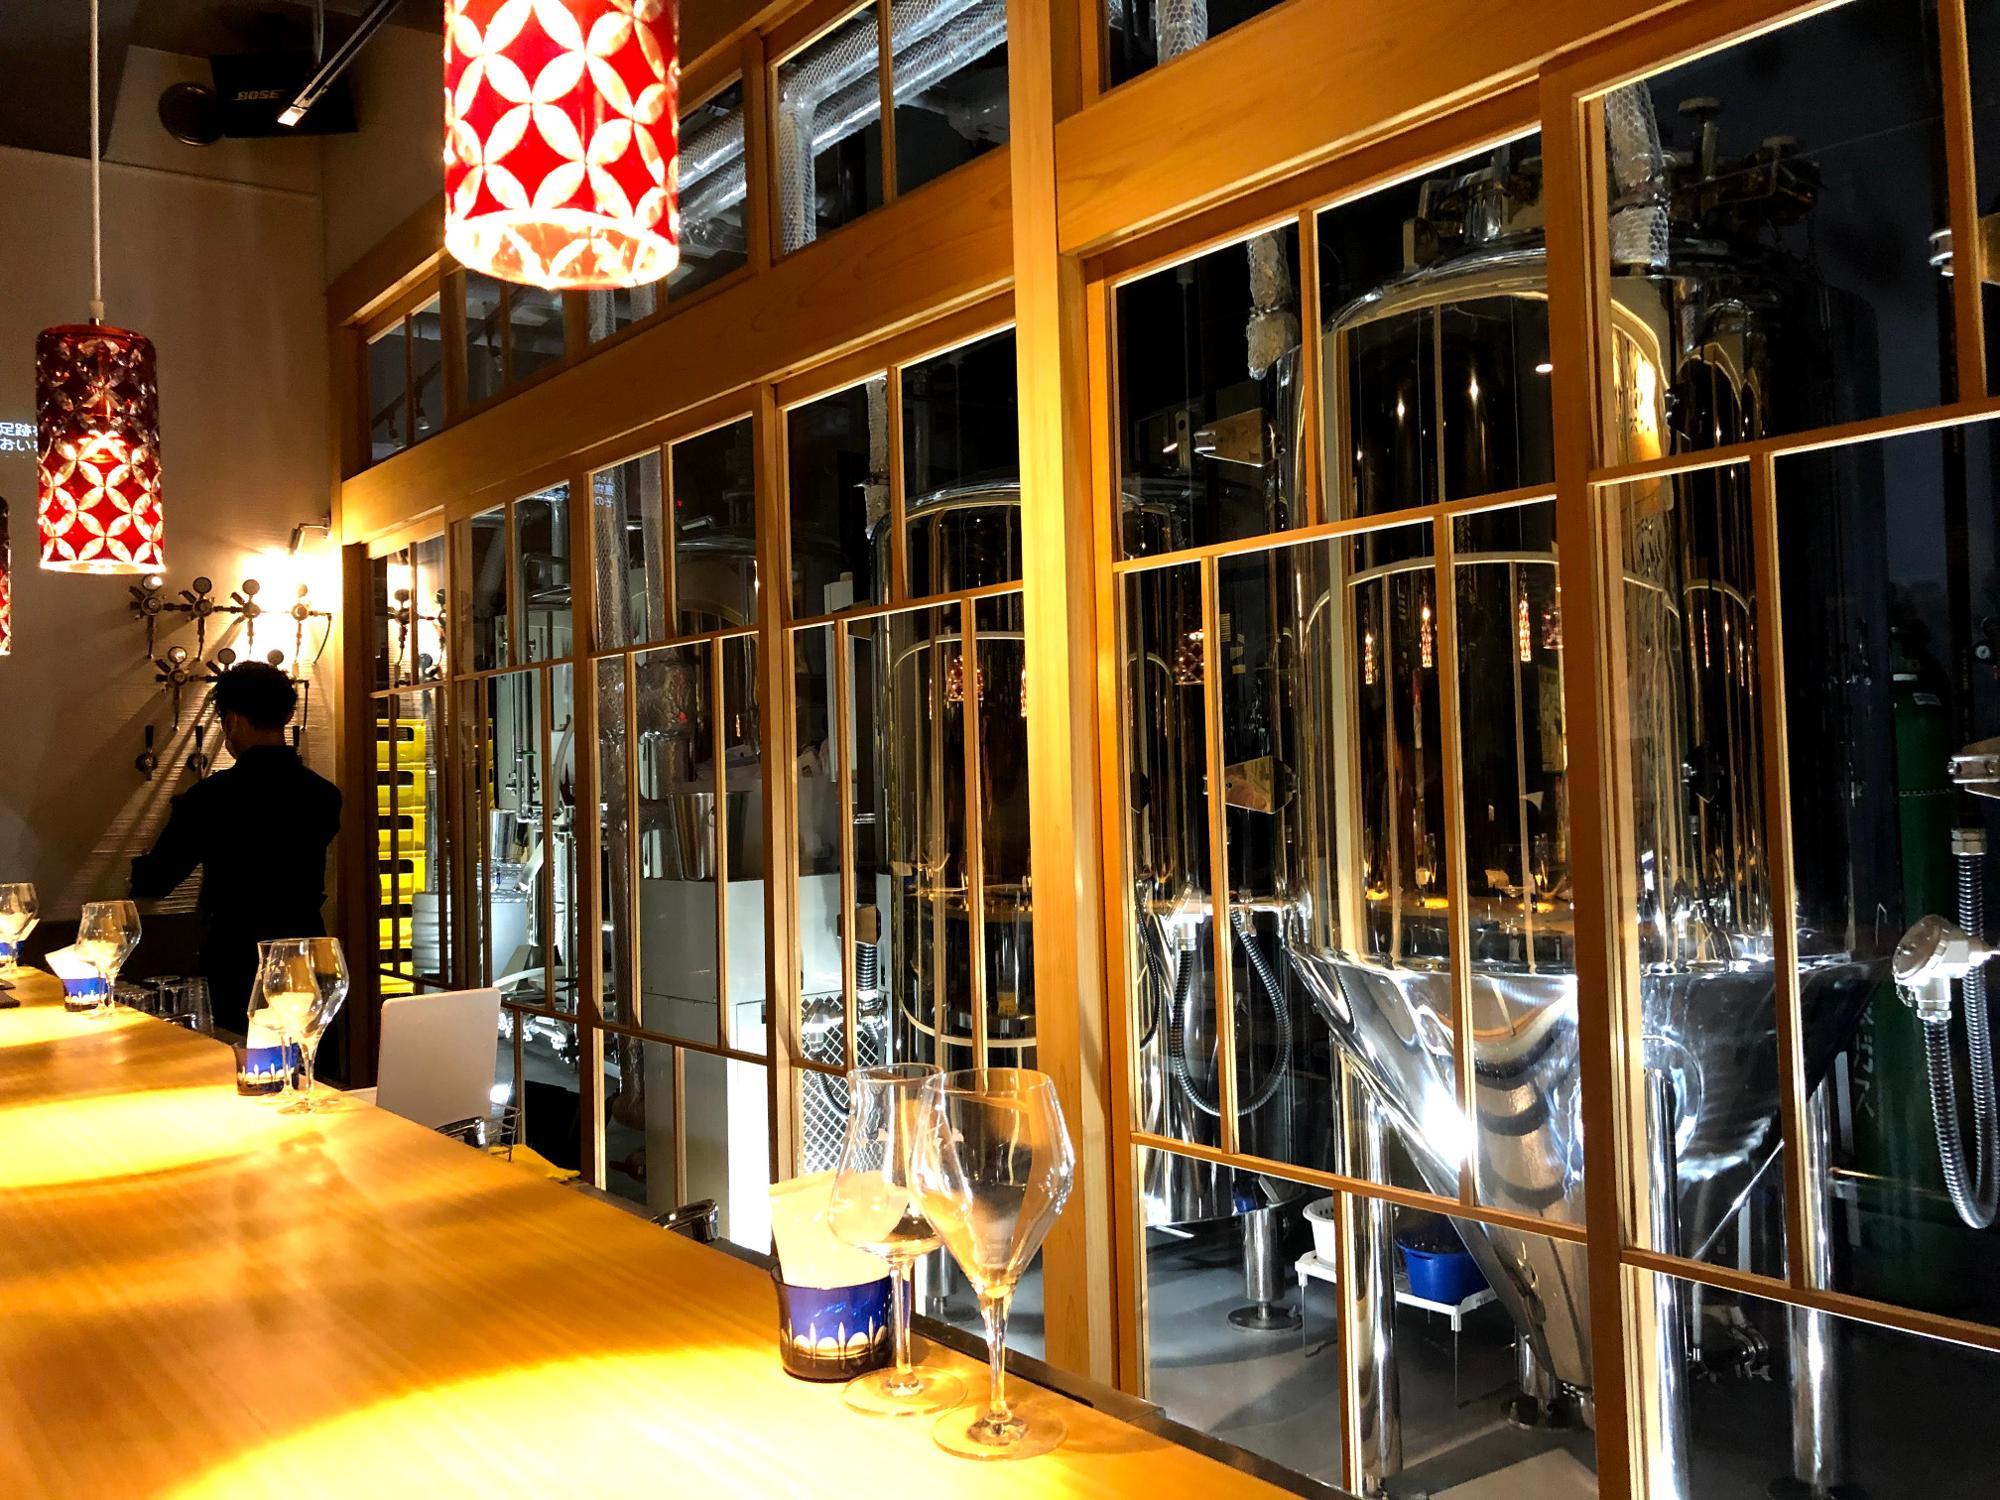 カウンター席の前には、発酵中のビールのタンクが並ぶ